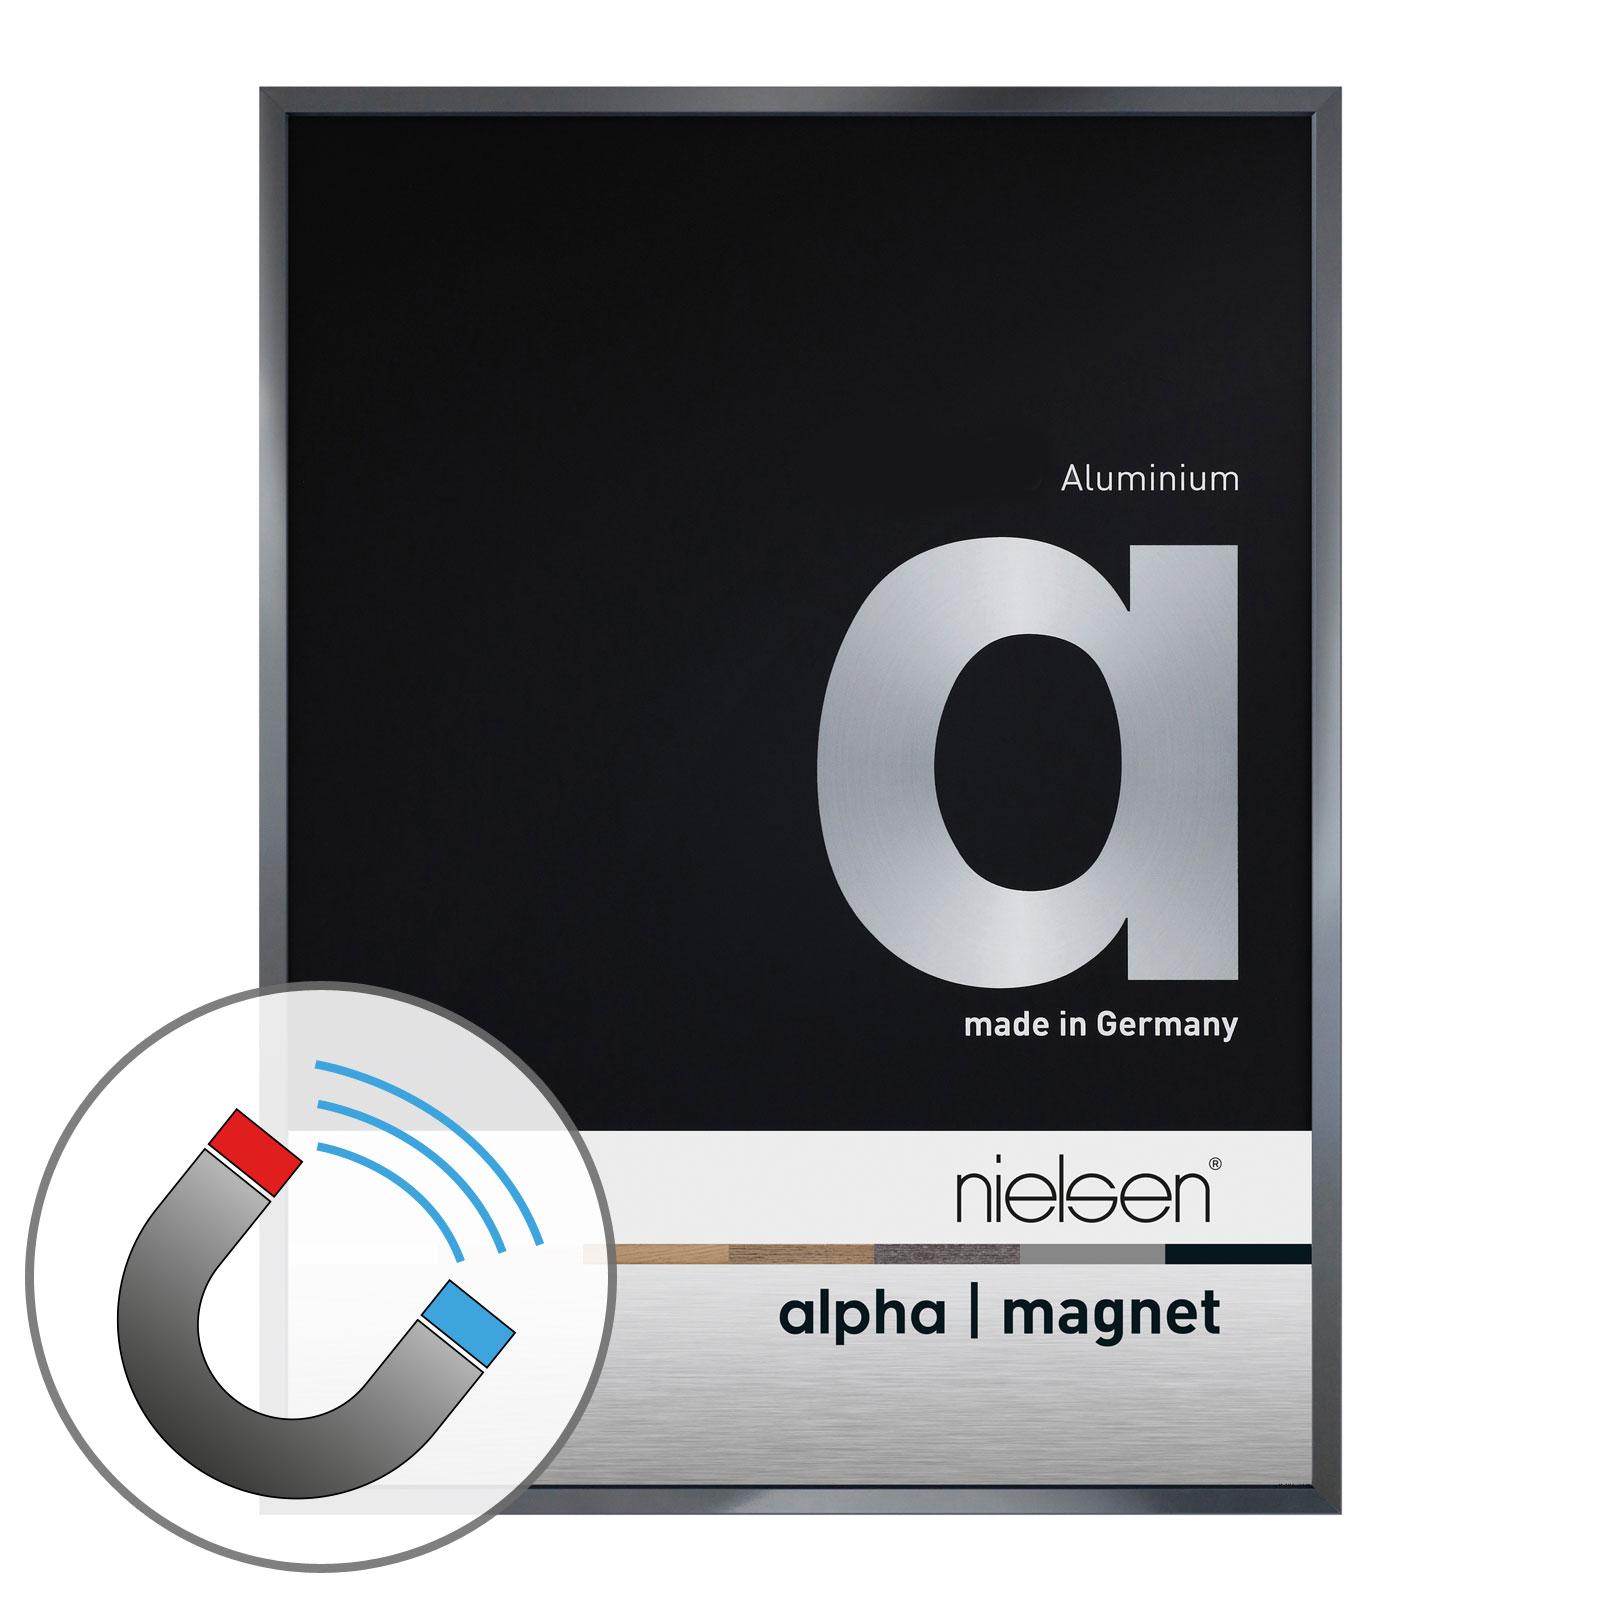 Nielsen Bilderrahmen Alpha Magnet Aluminium | Nielsen Bilderrahmen ...